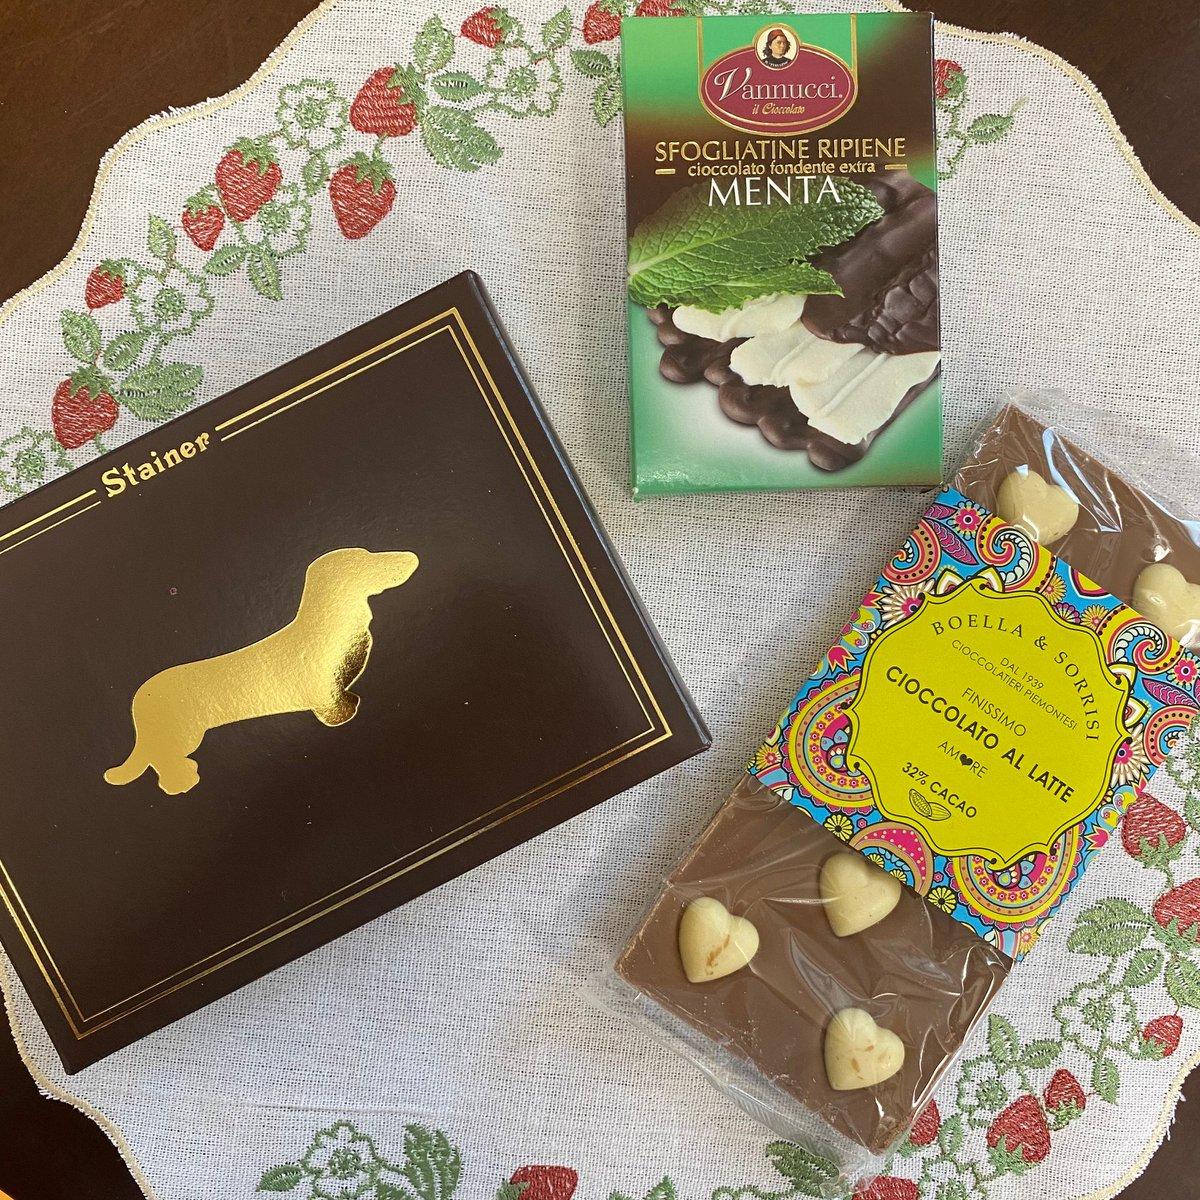 【NEW】イタリアはチョコレートもすごかった!「ユーロチョコレート」の魅力をご紹介 その4#お取り寄せ